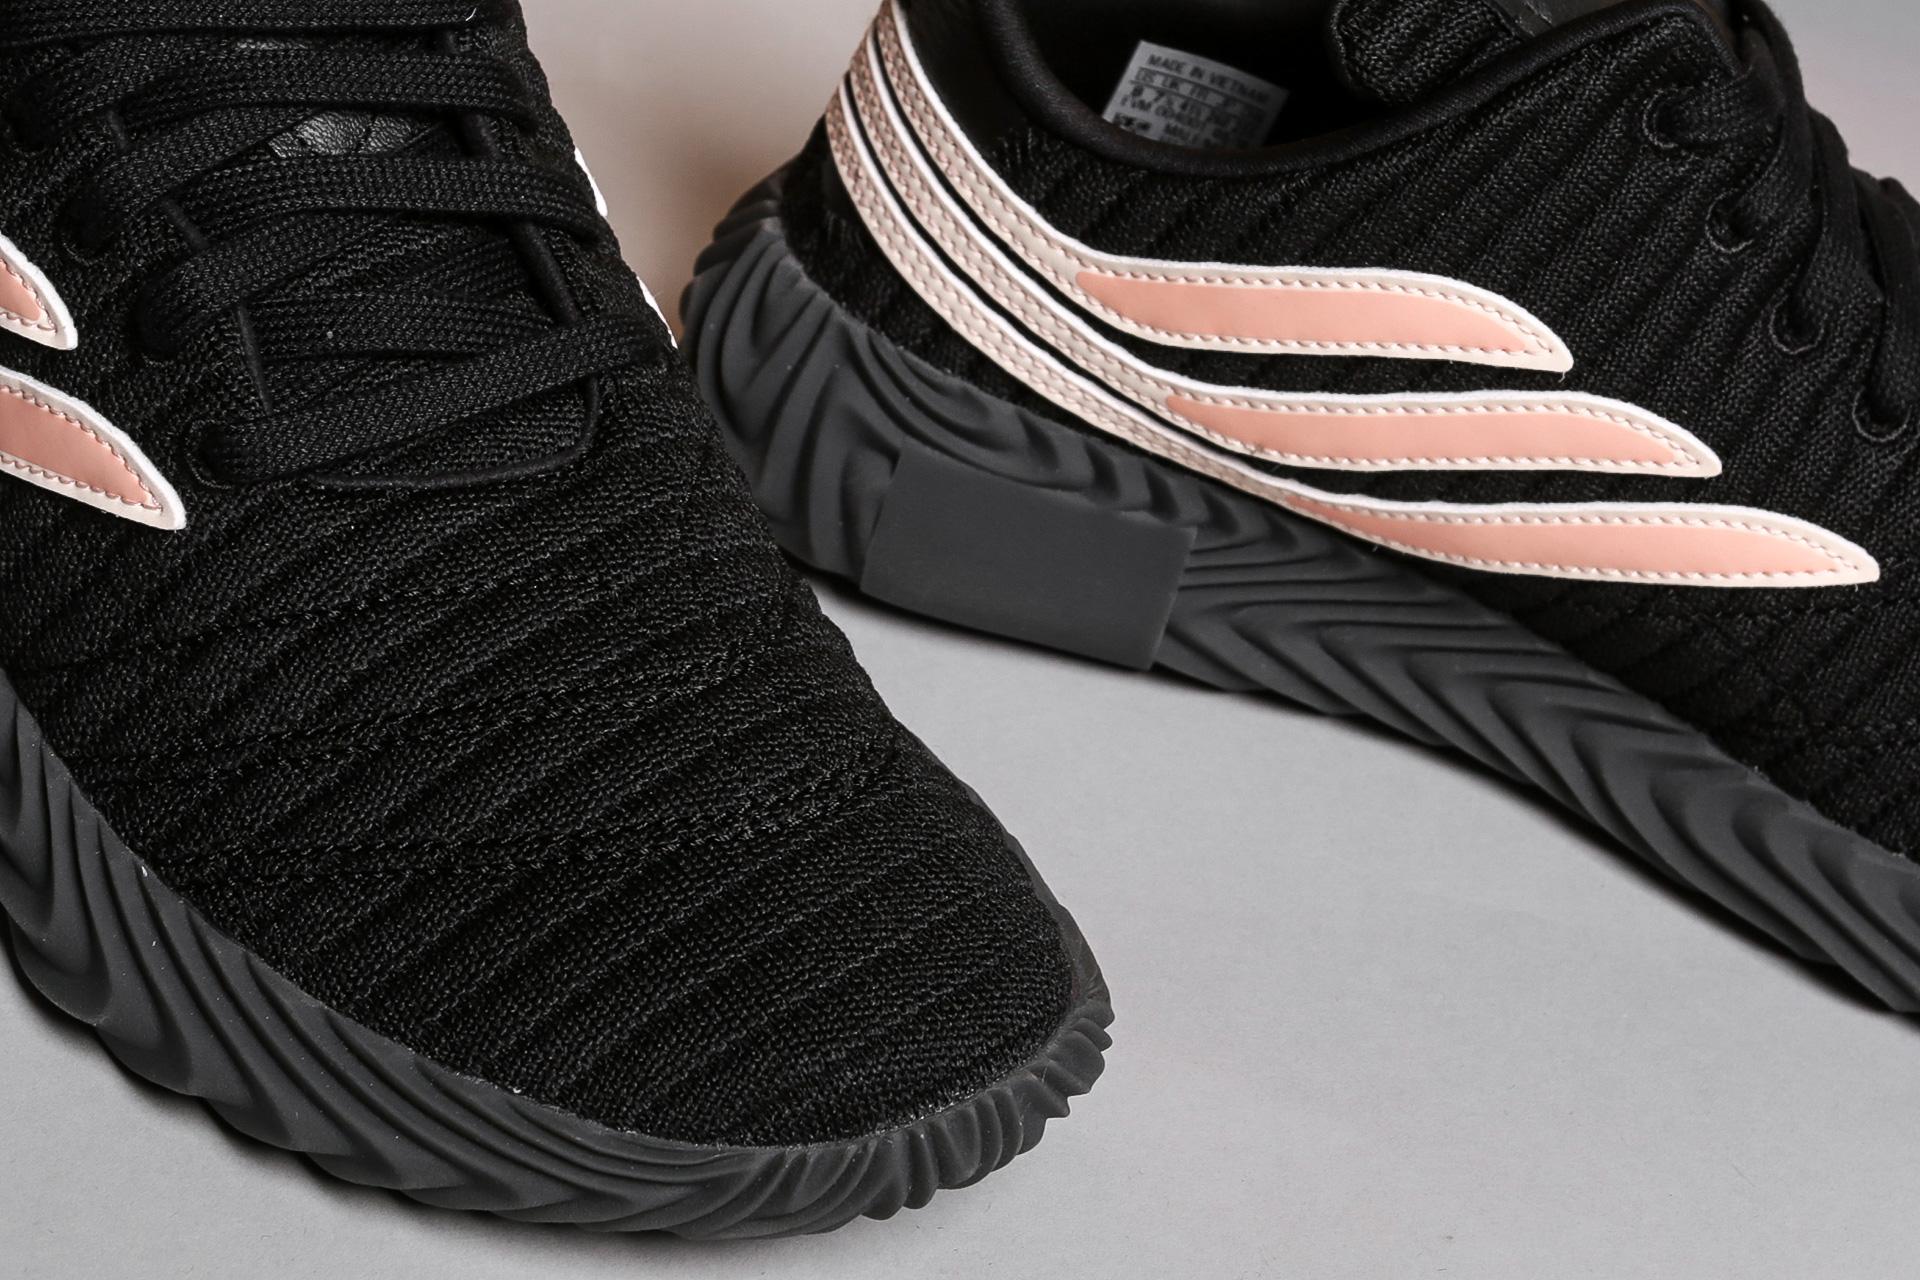 ... Купить мужские черные кроссовки adidas Originals Sobakov - фото 5  картинки ... 0b4358ac22a9b